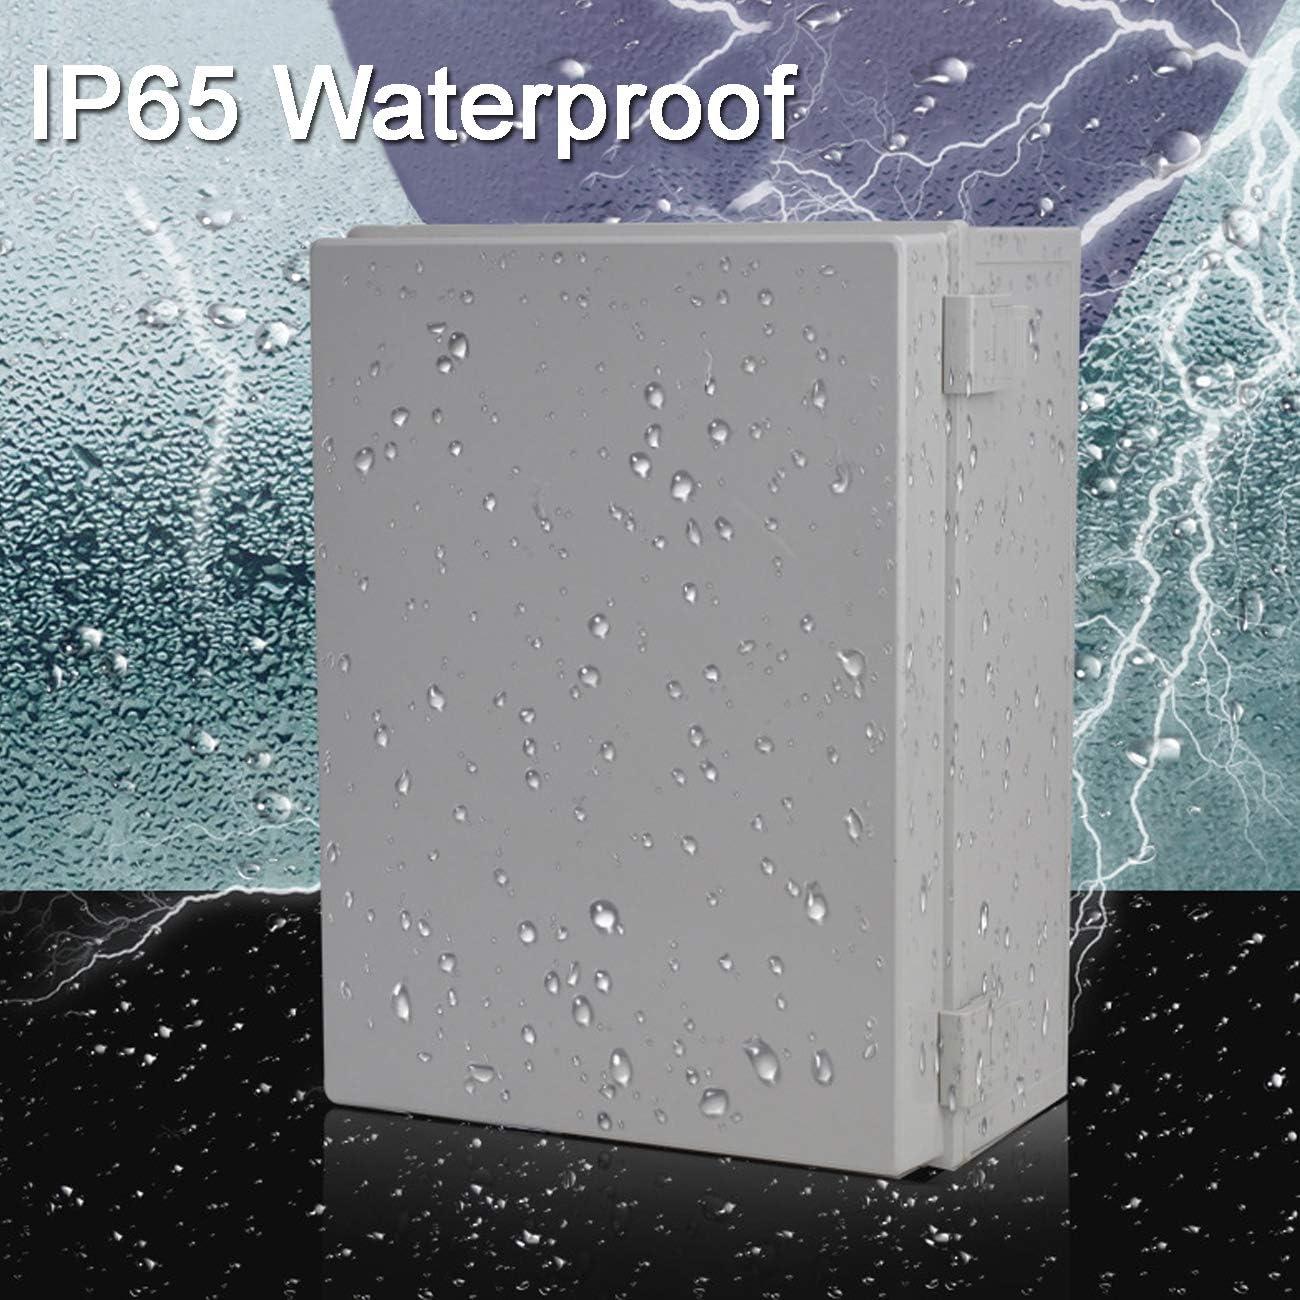 ABS Plastic Dustproof Waterproof IP65 Junction Box Universal Durable Electrical